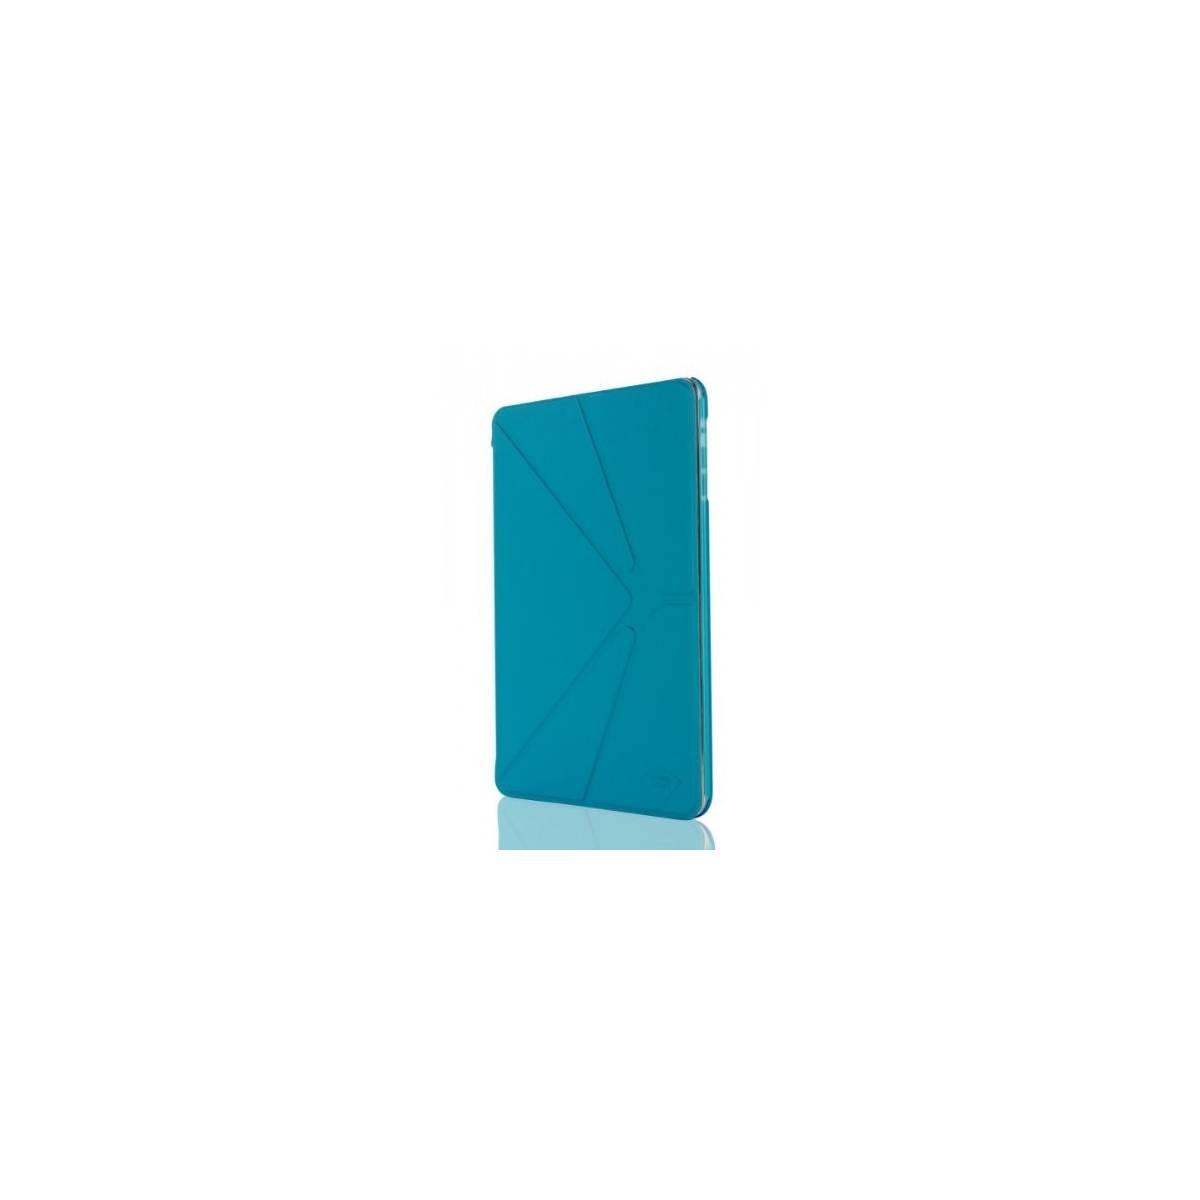 Mosaic Theory Housse Apple iPad Mini / Mini Retina Bleu